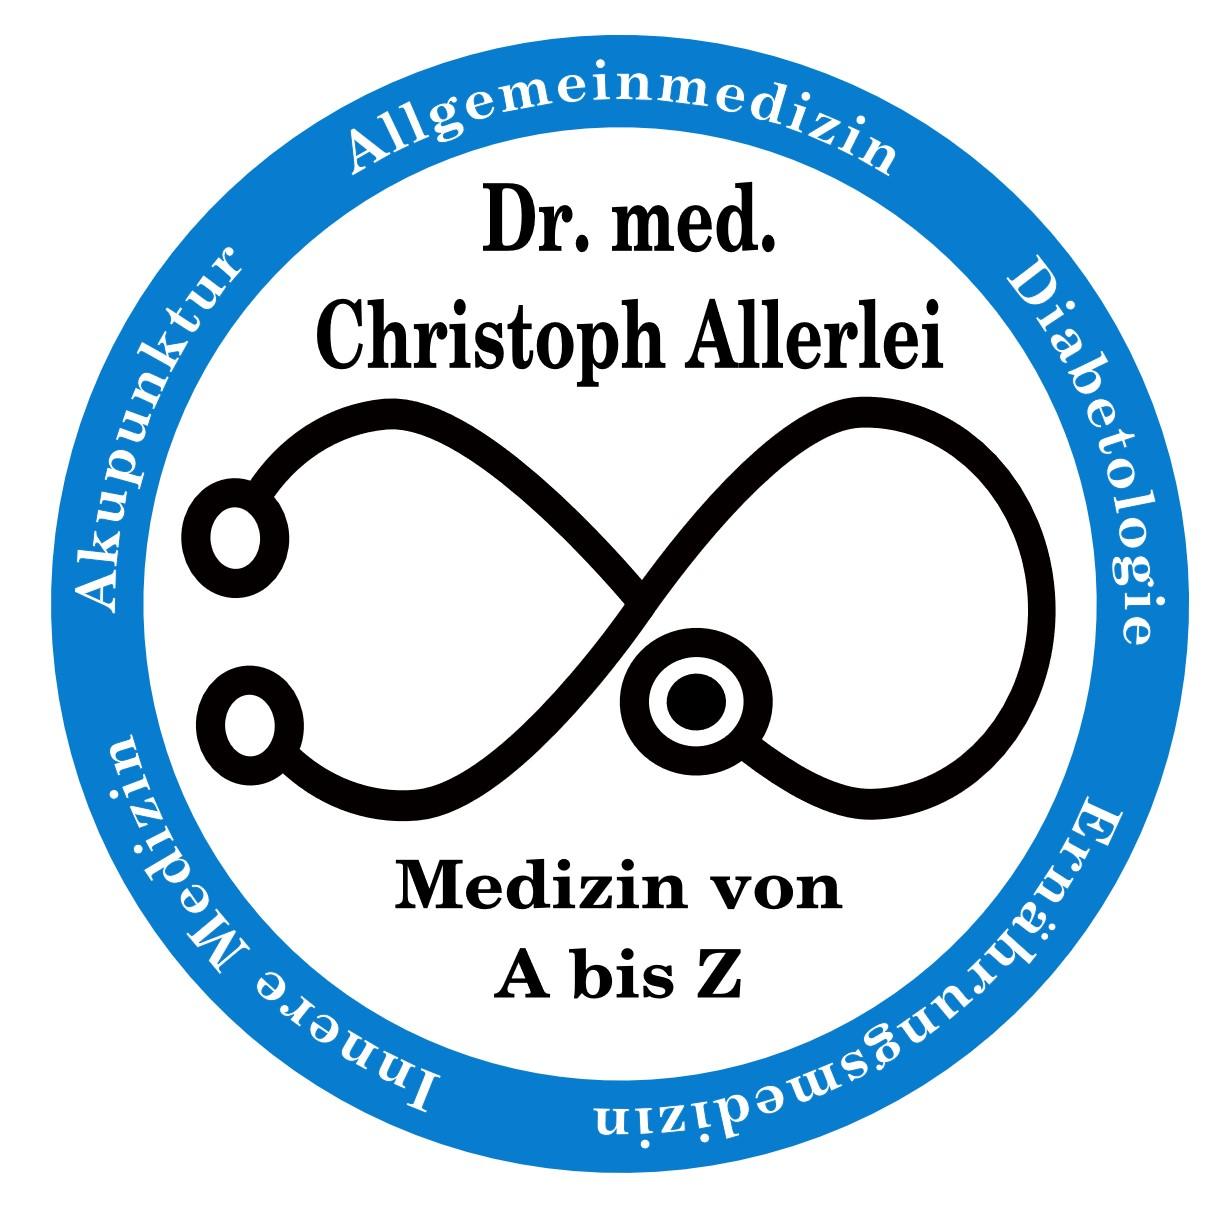 Praxis Dr. med. Christoph Allerlei